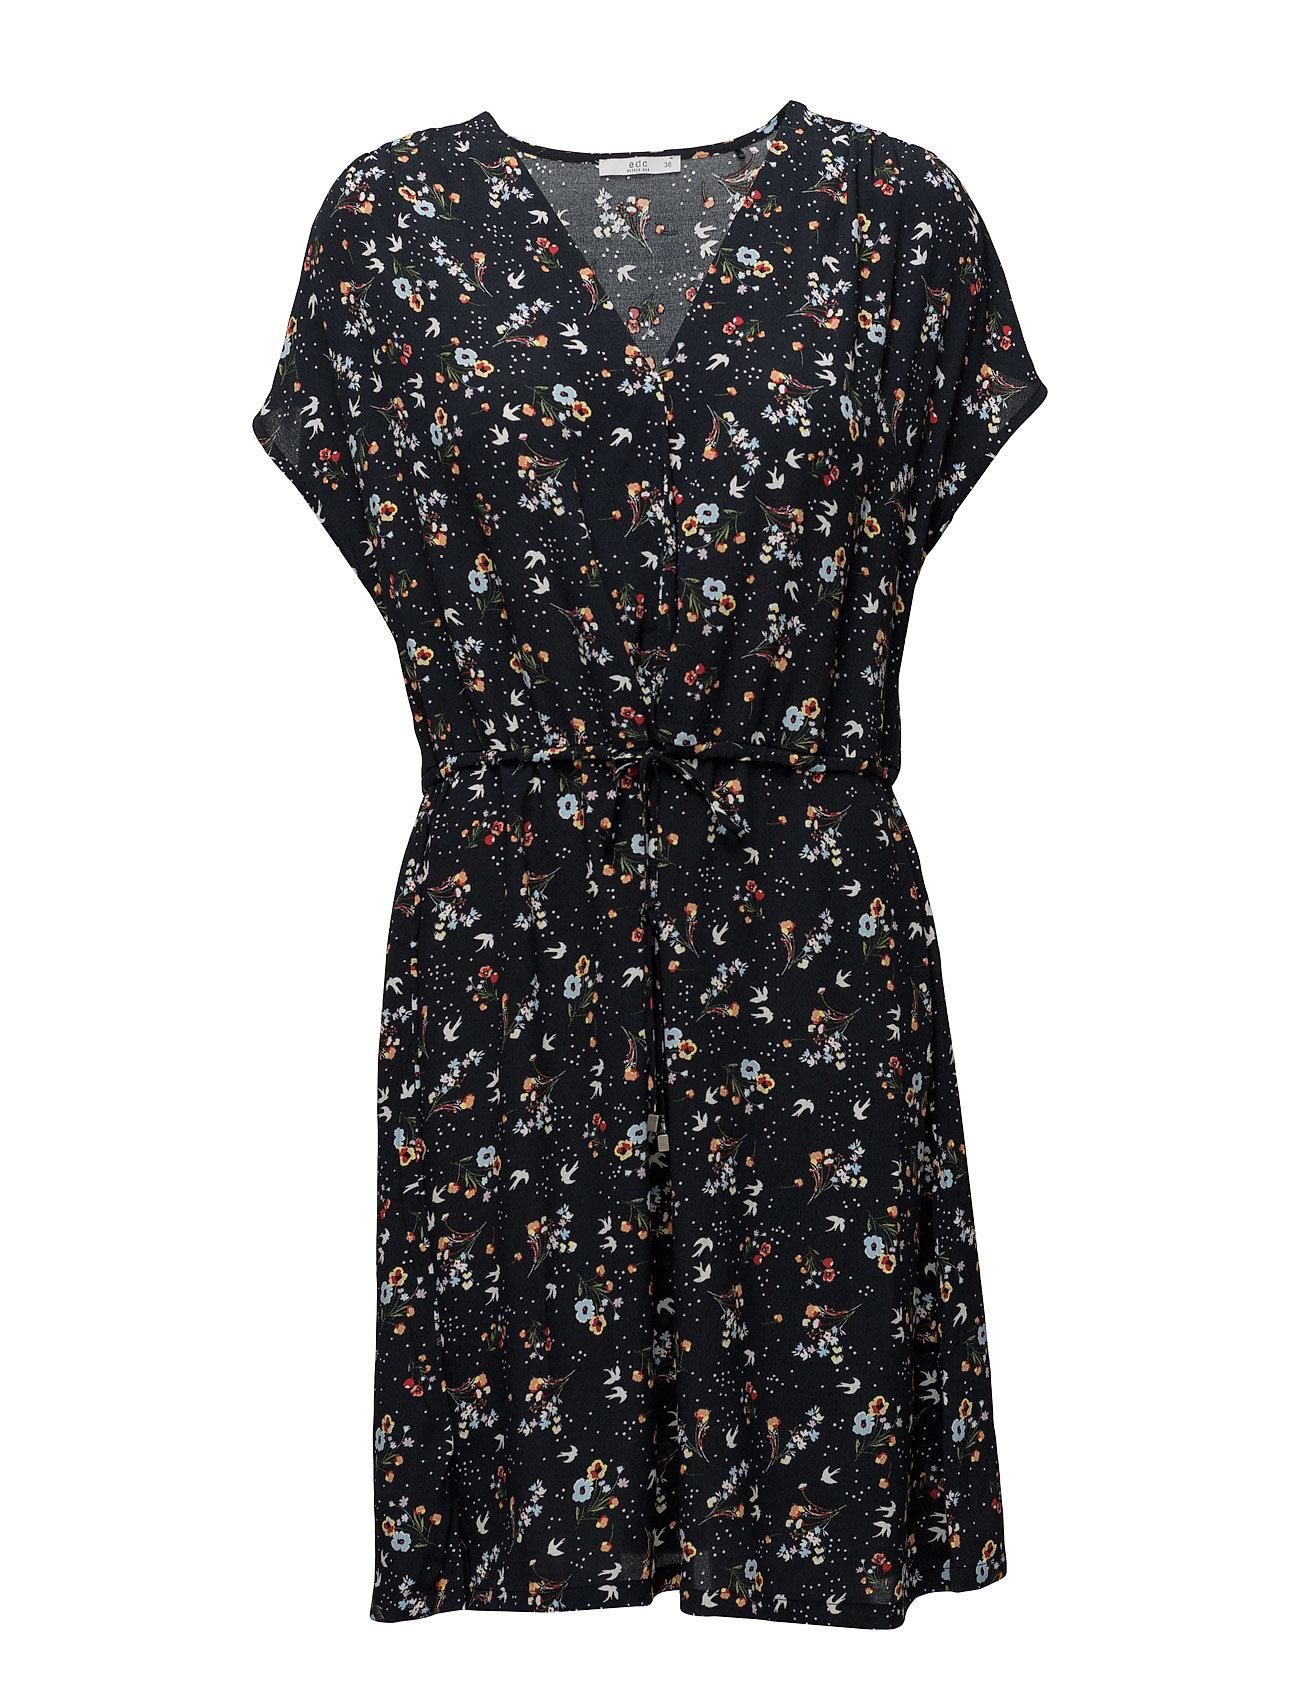 Dresses Light Woven EDC by Esprit Kjoler til Kvinder i Blæk